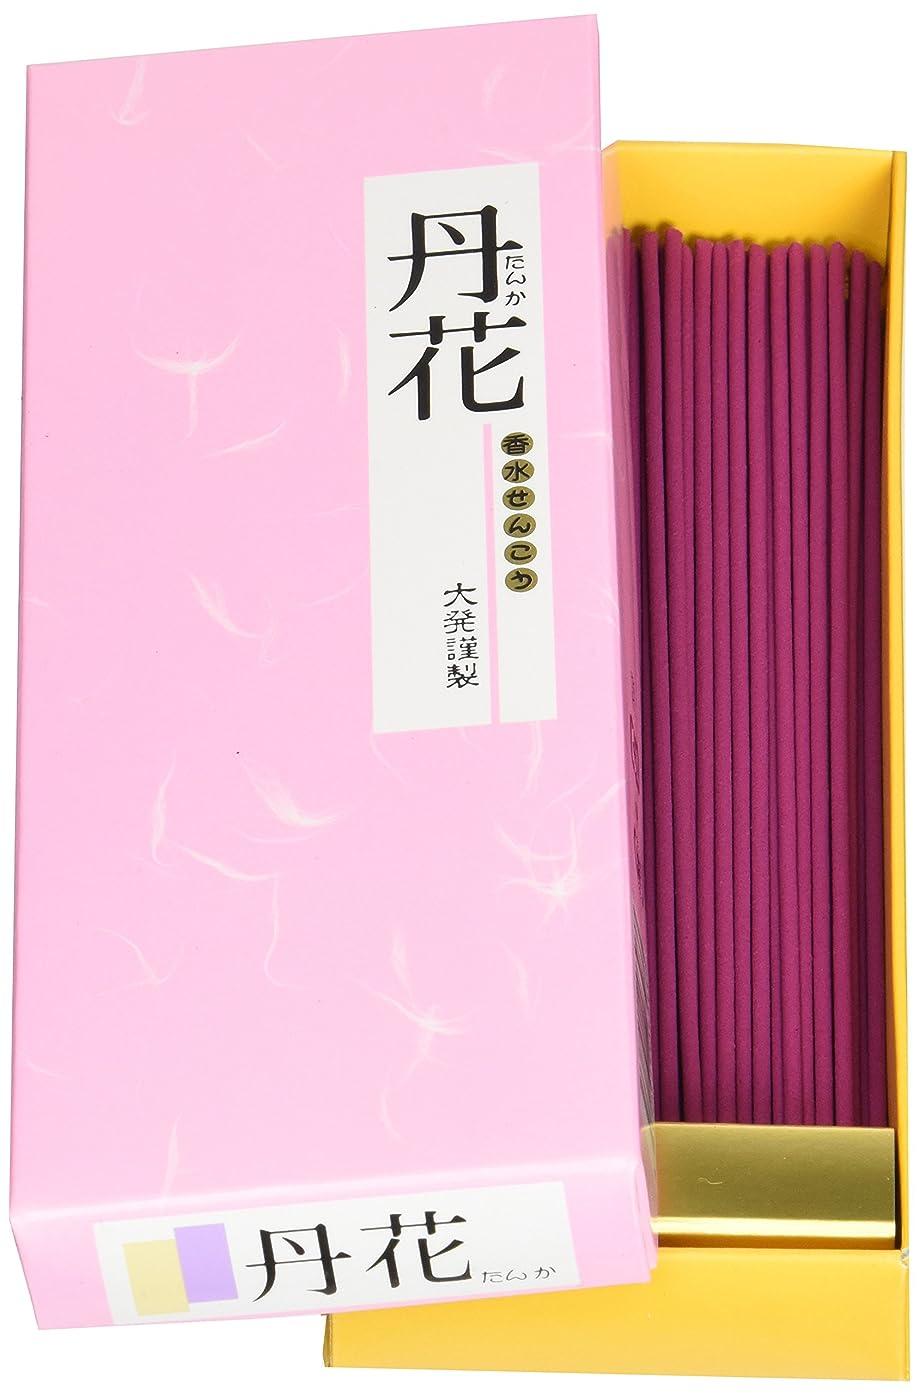 ストロージョージハンブリージャンプ大発のお香 梅丹花(ピンク箱) TP-1